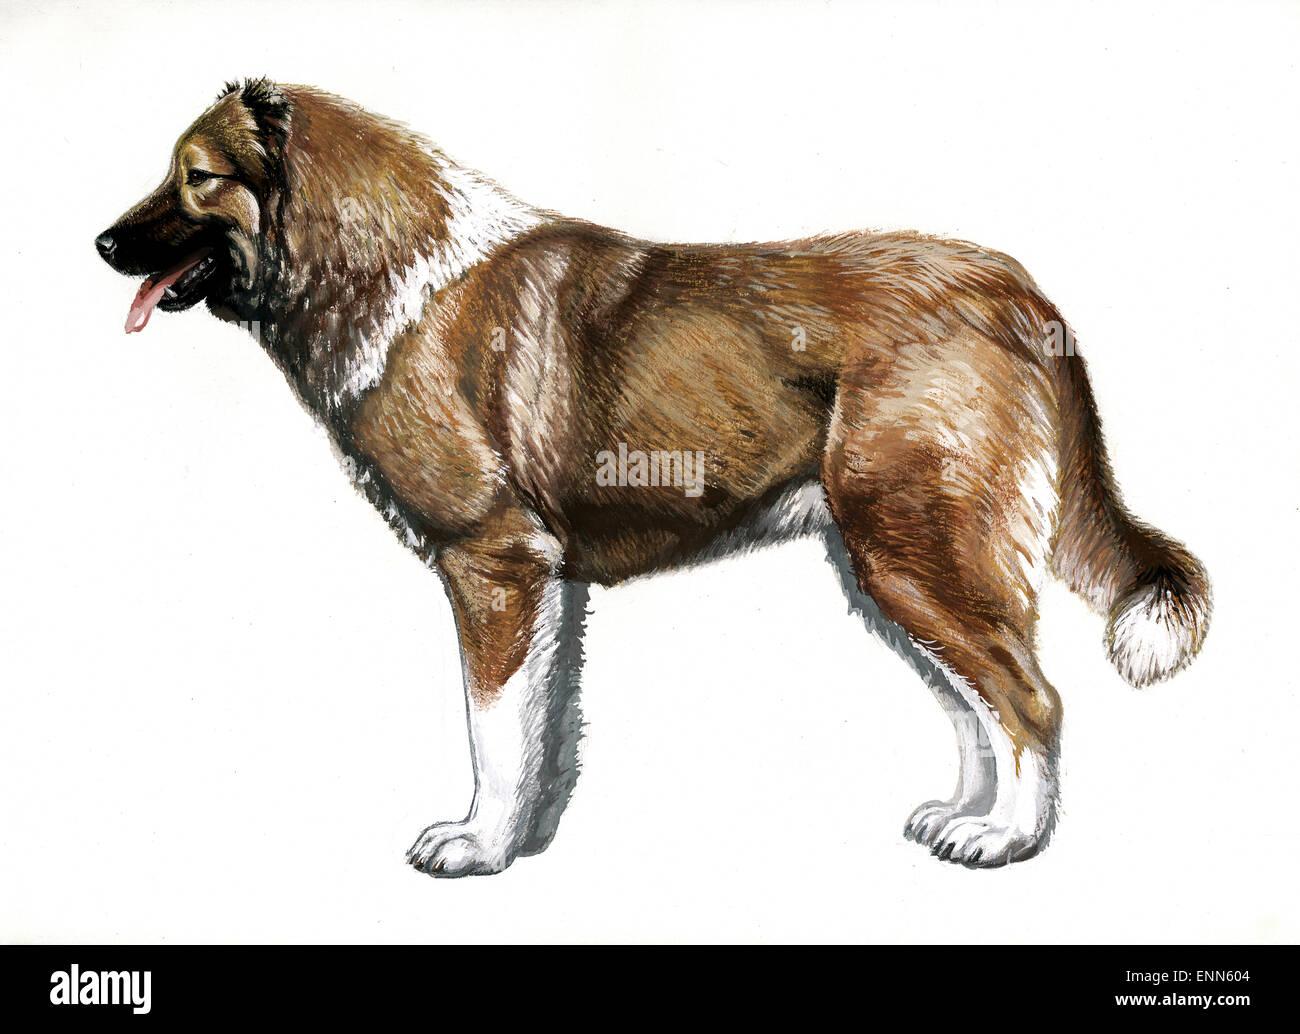 Perro Ovejero caucásicas.guardian.Los Perros Pastores.(Perro con pelo corto.generalizada en las zonas bajas de las montañas del Cáucaso). Foto de stock